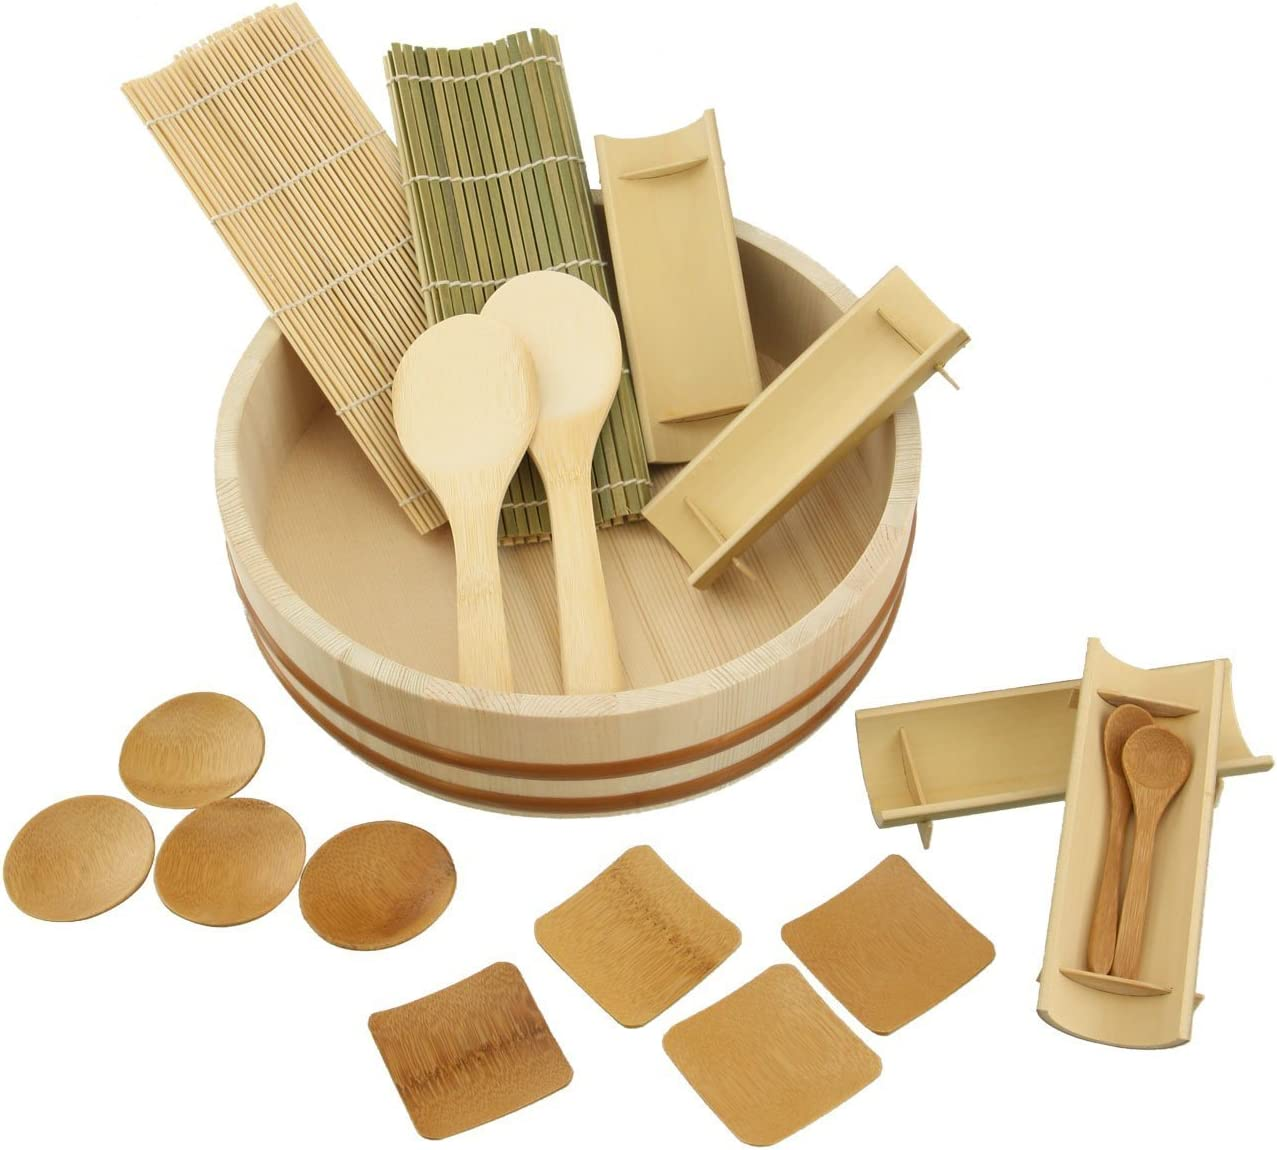 BambooImportsMN 12 Sushi Oke Tub Hangiri with 19pc Sushi Making Accessory Pack